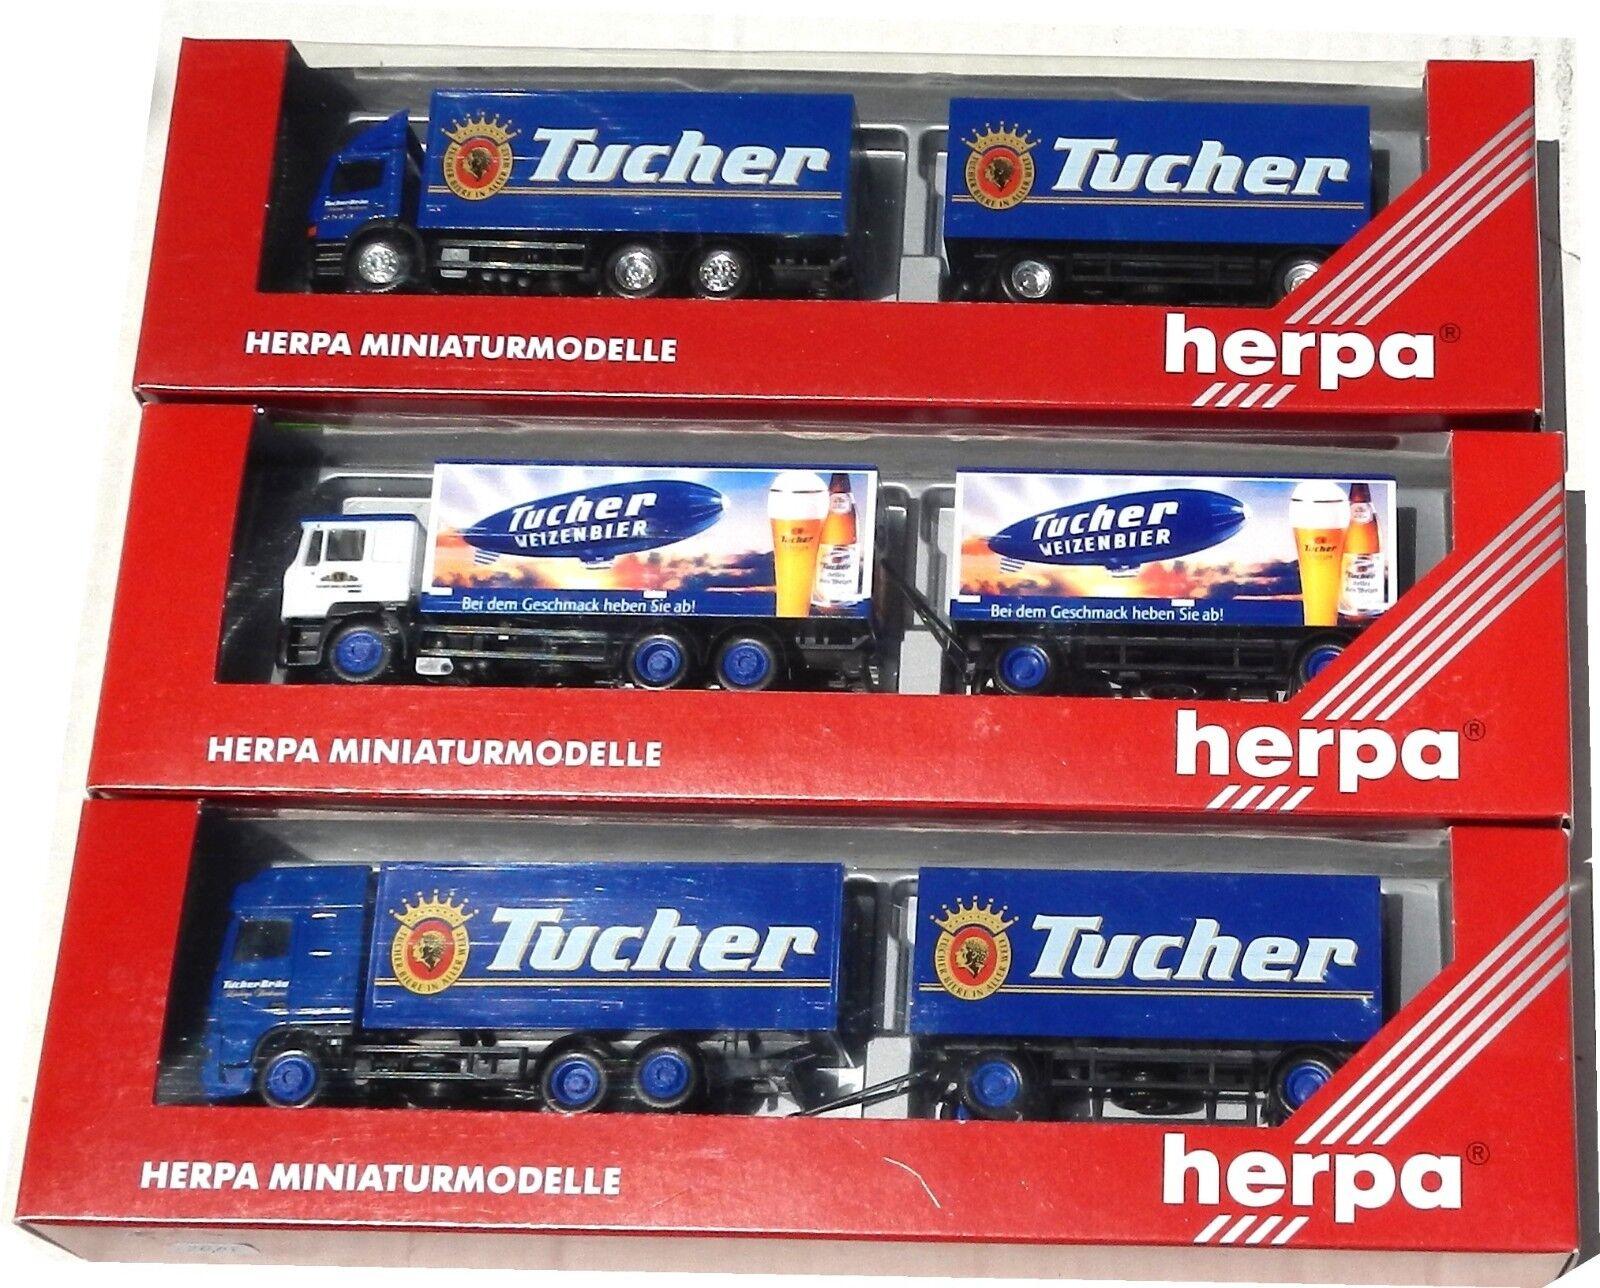 lo último Sonderpreis;  HERPA 3 x   TUCHER Bier    ( 146333,  187008,  187848), 1 87, mb  en linea